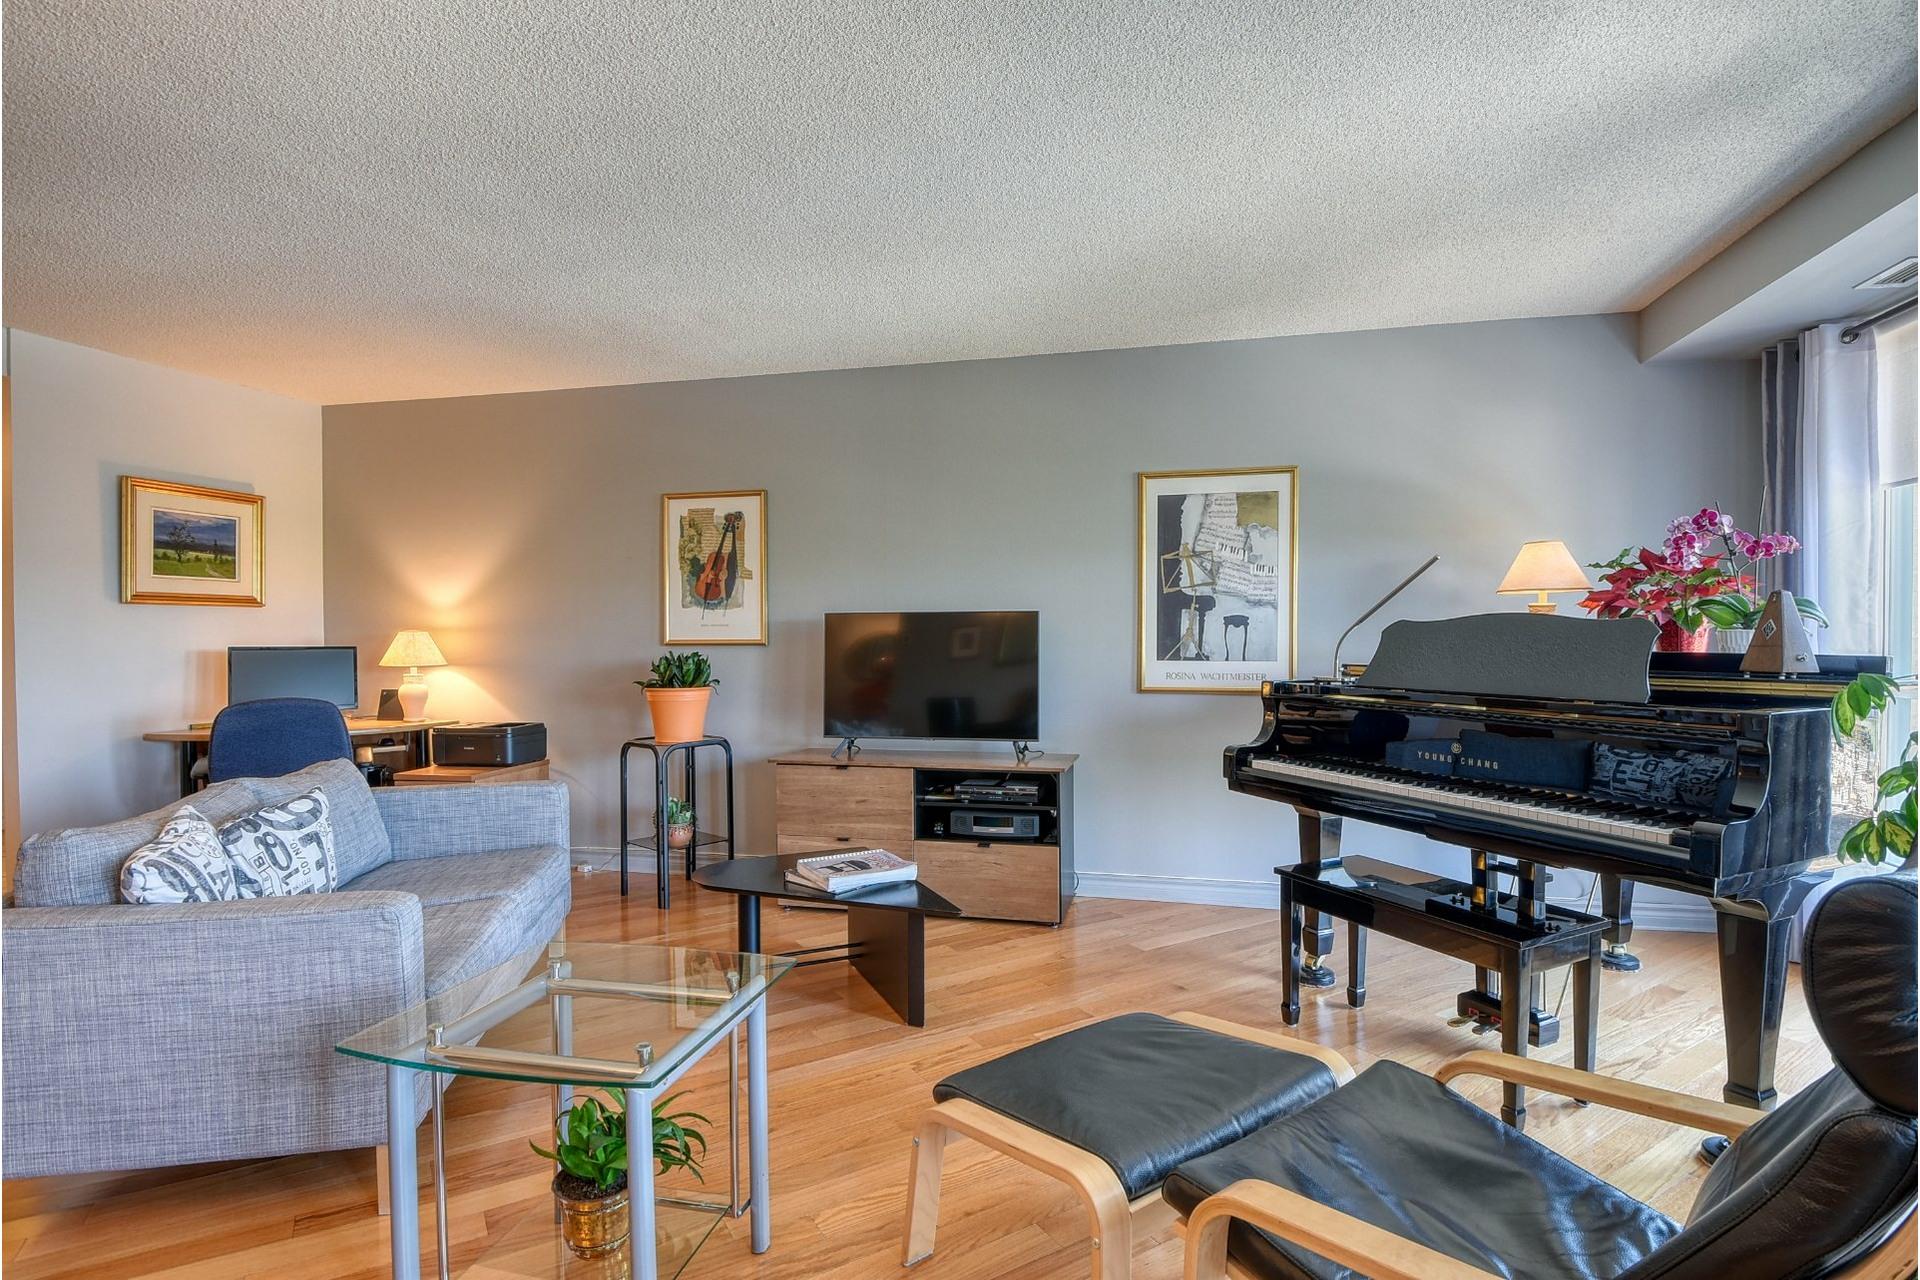 image 6 - Appartement À vendre Montréal-Nord Montréal  - 4 pièces